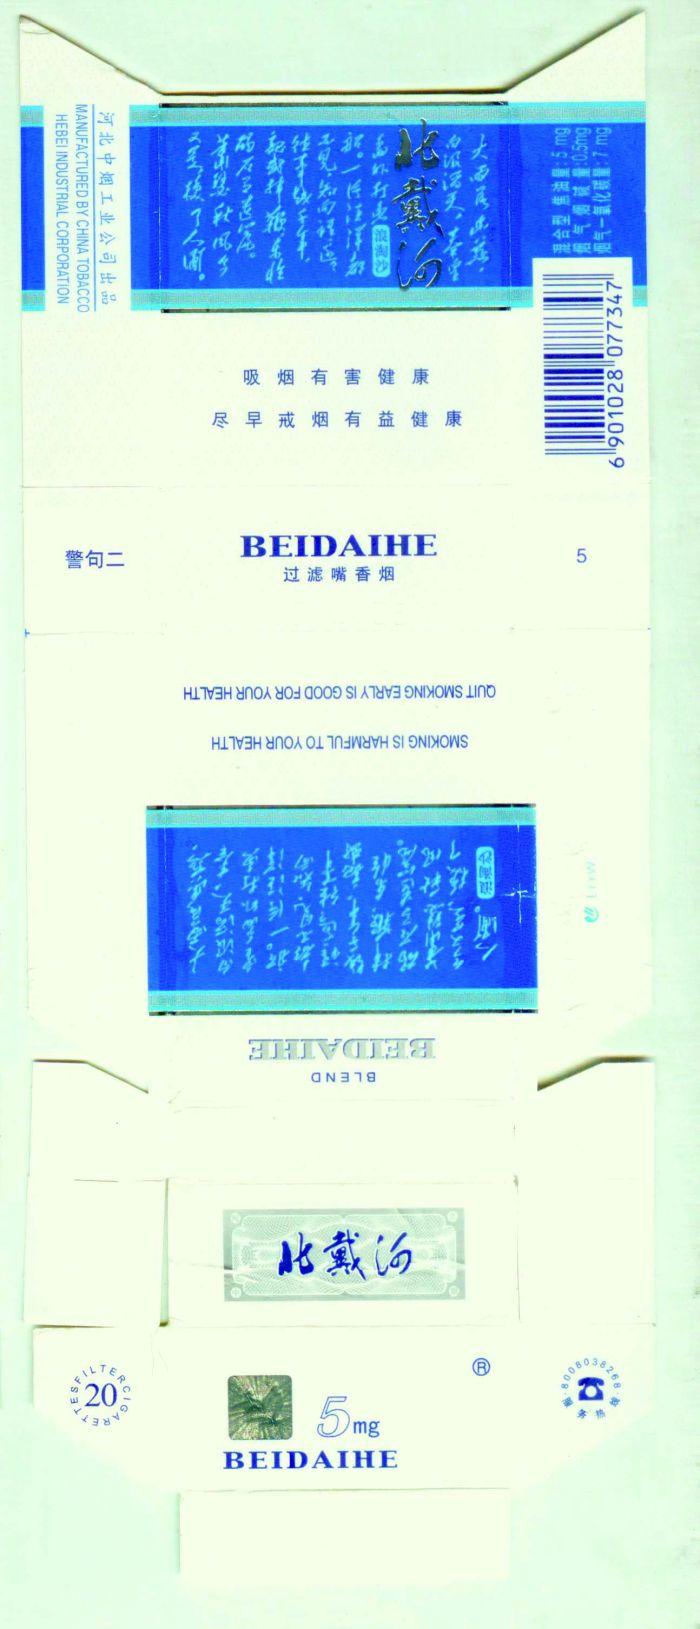 图5 河北中烟工业公司出品于新世纪的北戴河毛泽东书法手迹烟标